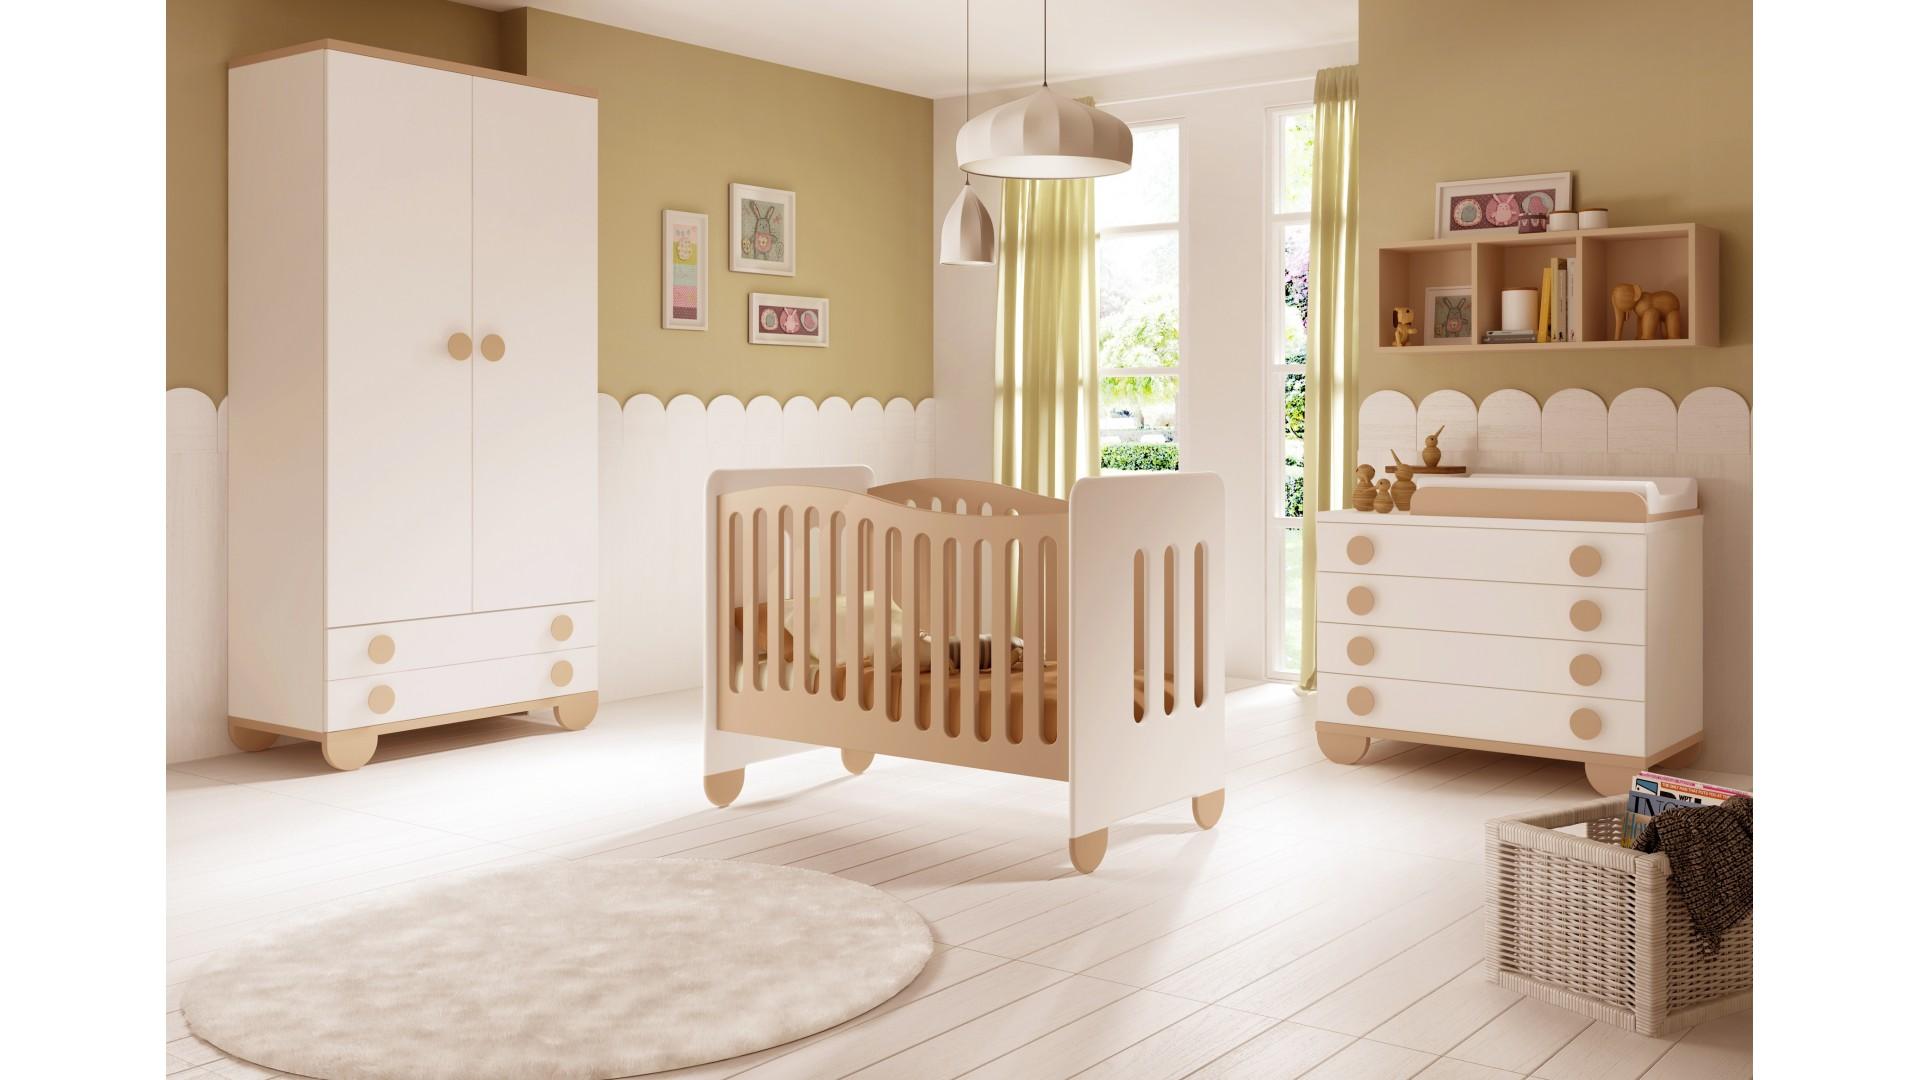 Chambre de bb mixte Gioco avec lit et armoire  GLICERIO  SO NUIT